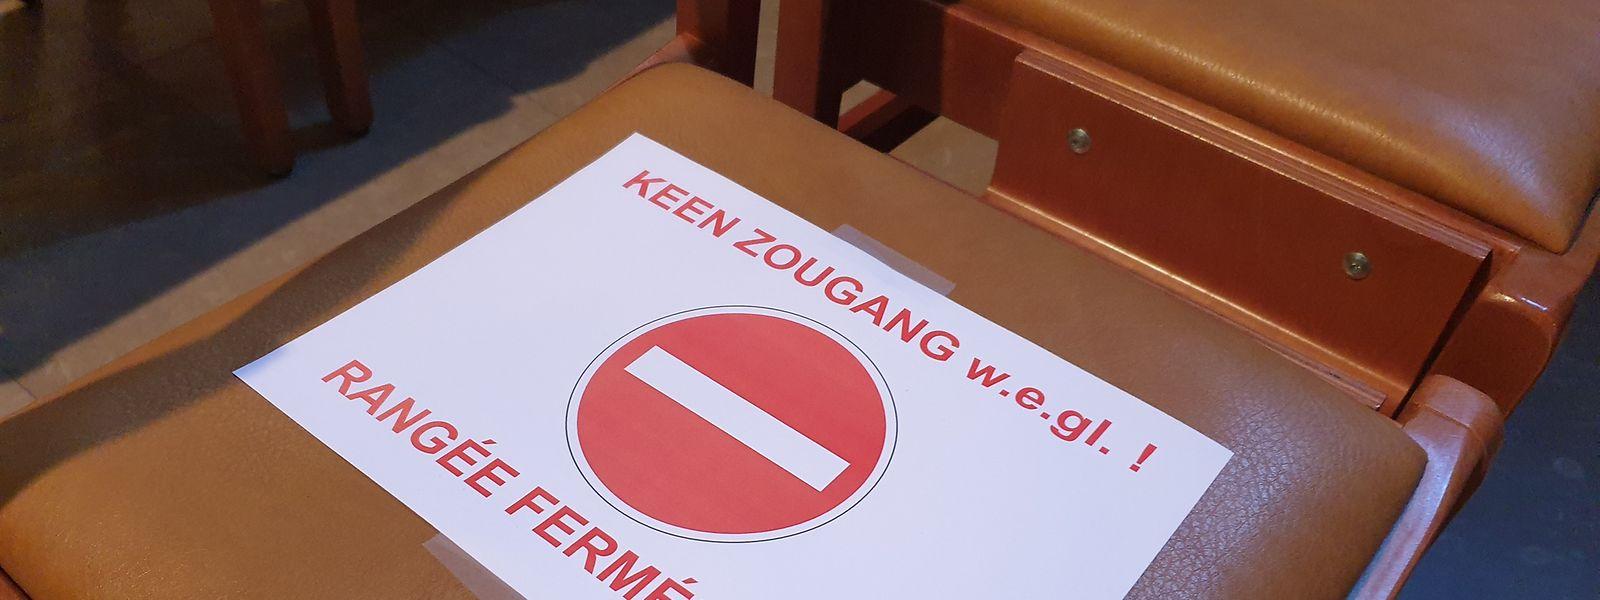 In der Luxemburger Kathedrale sind einige Reihen wegen der Corona-Krise gesperrt.